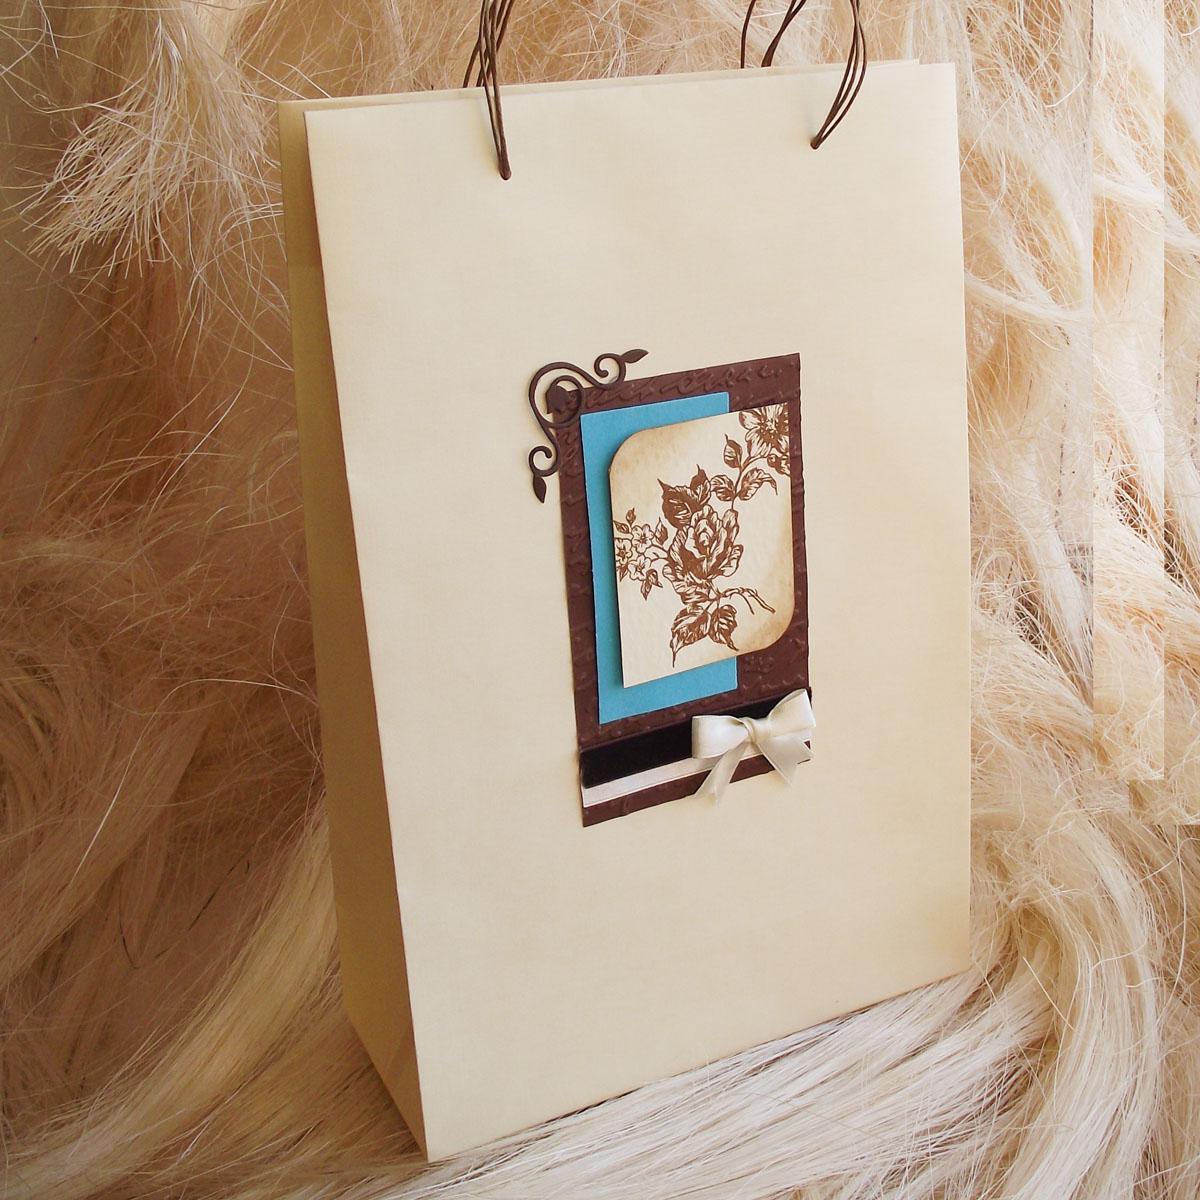 Пакет ручной работы, 20х30х8 см. Автор Татьяна Саранчукова.BAG-C-006BAG-C-006пакет ручной работы с винтажным изображением цветка. Язык: русский, английский.